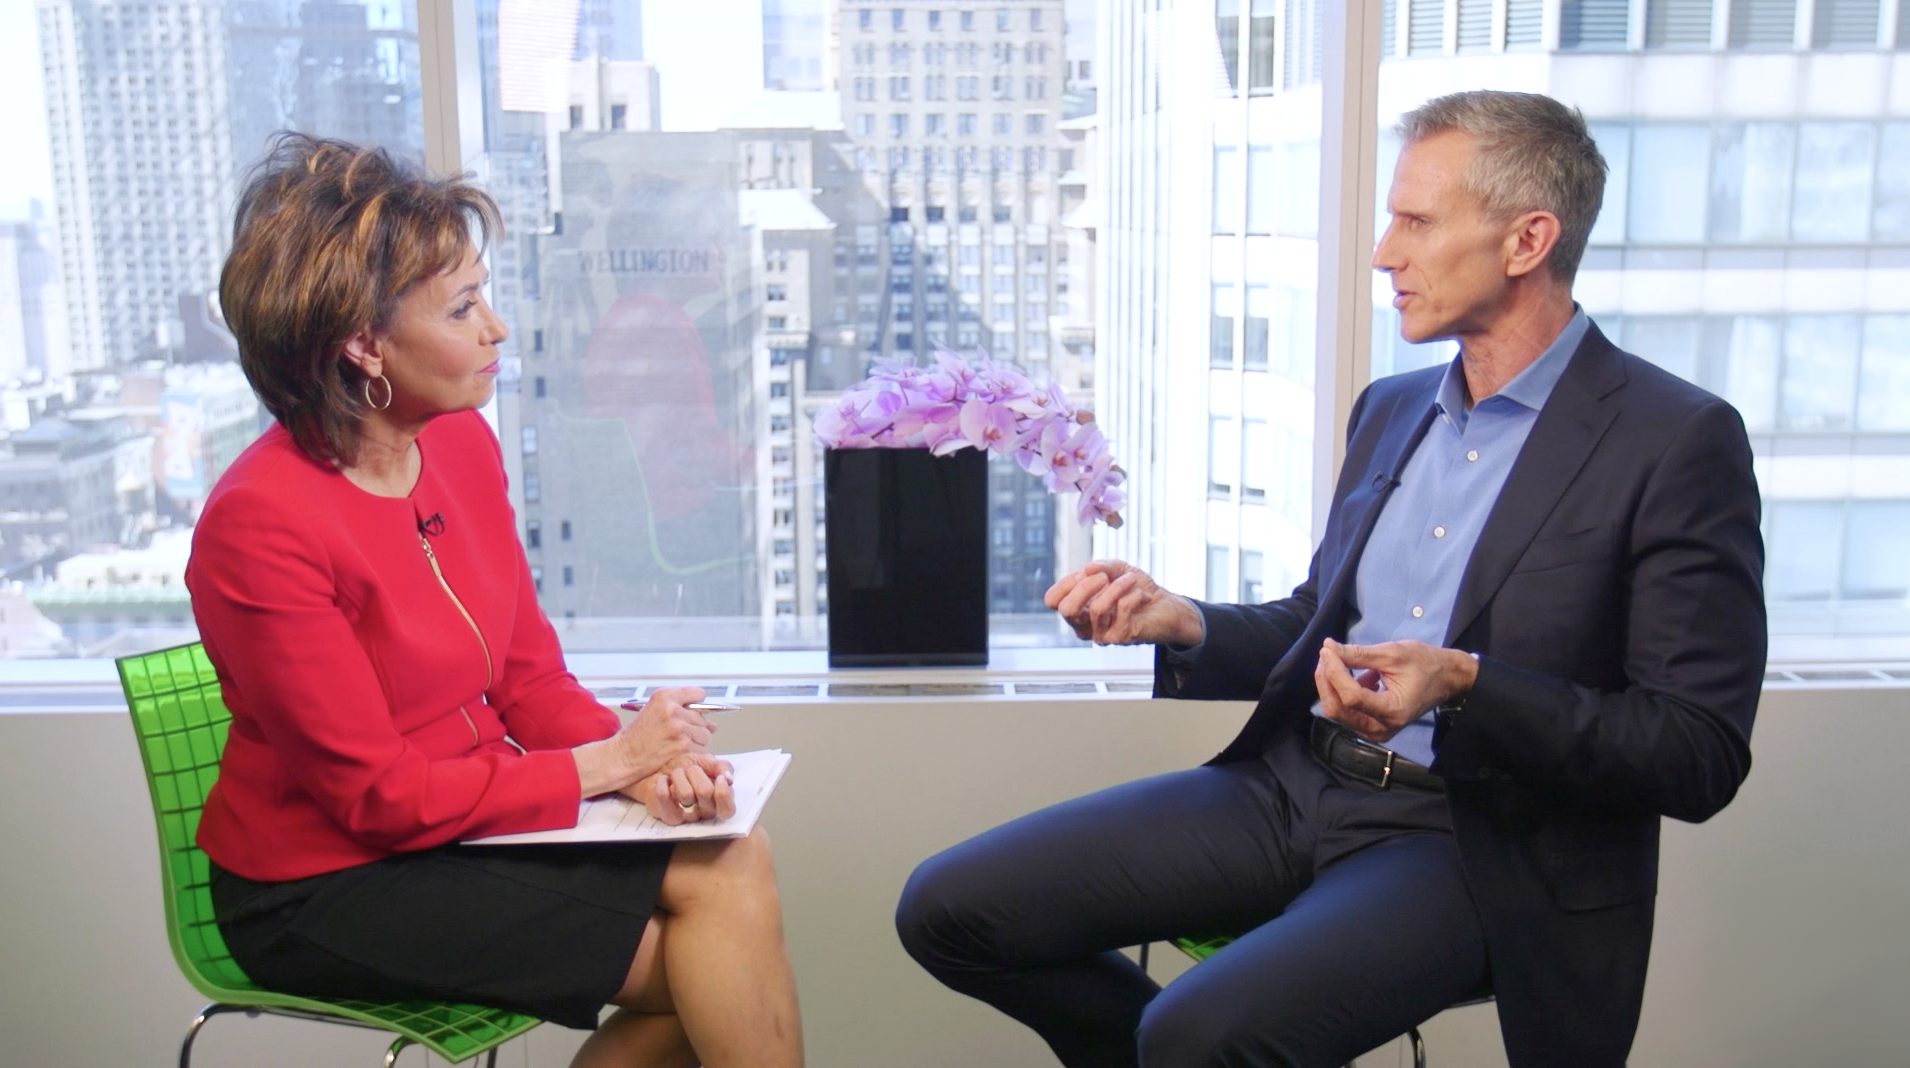 Susie Gharib interviews VF Corp CEO Steve Rendle